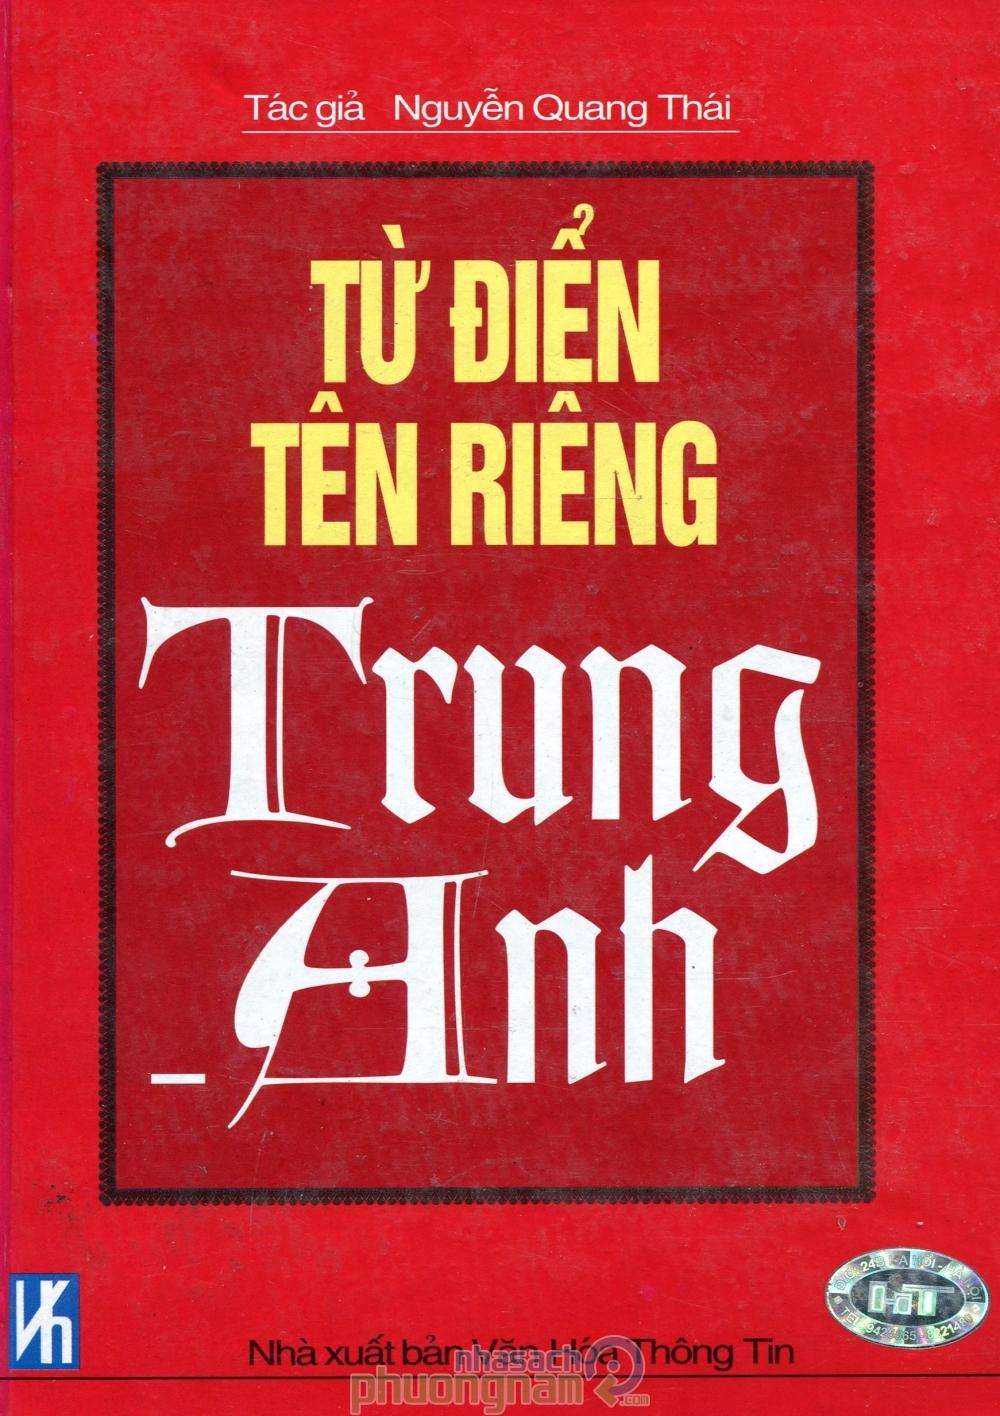 Từ điển tên riêng Trung – Anh – Nguyễn Quang Thái